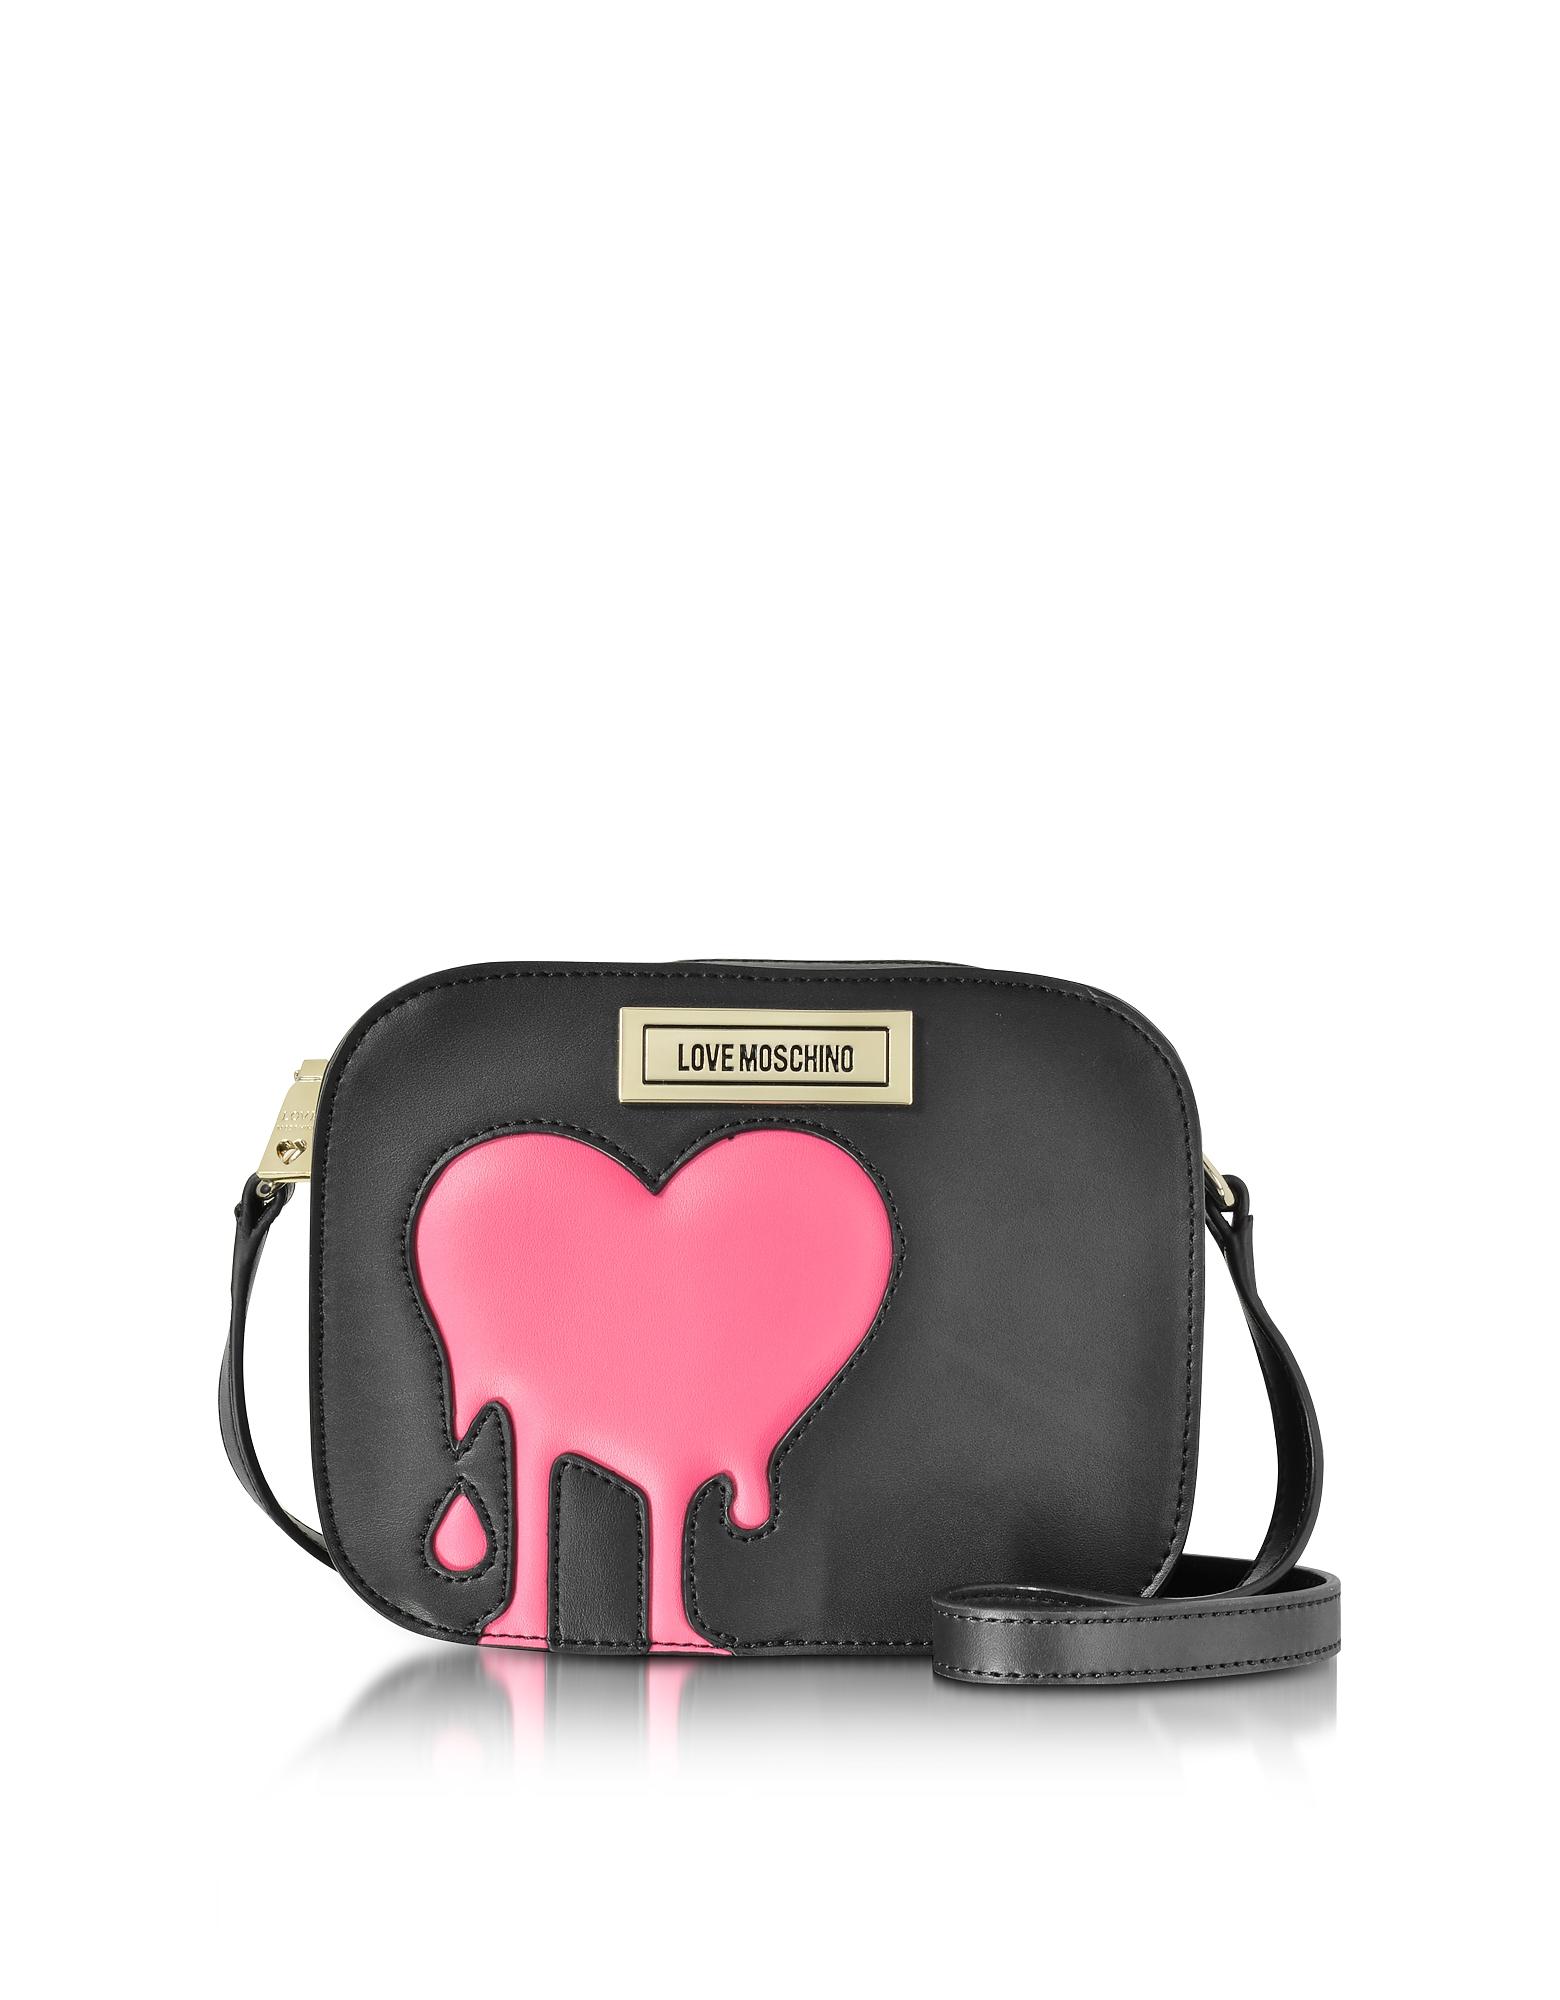 Melting Love - Черная и Розовая Сумка Через Плечо из Эко Кожи